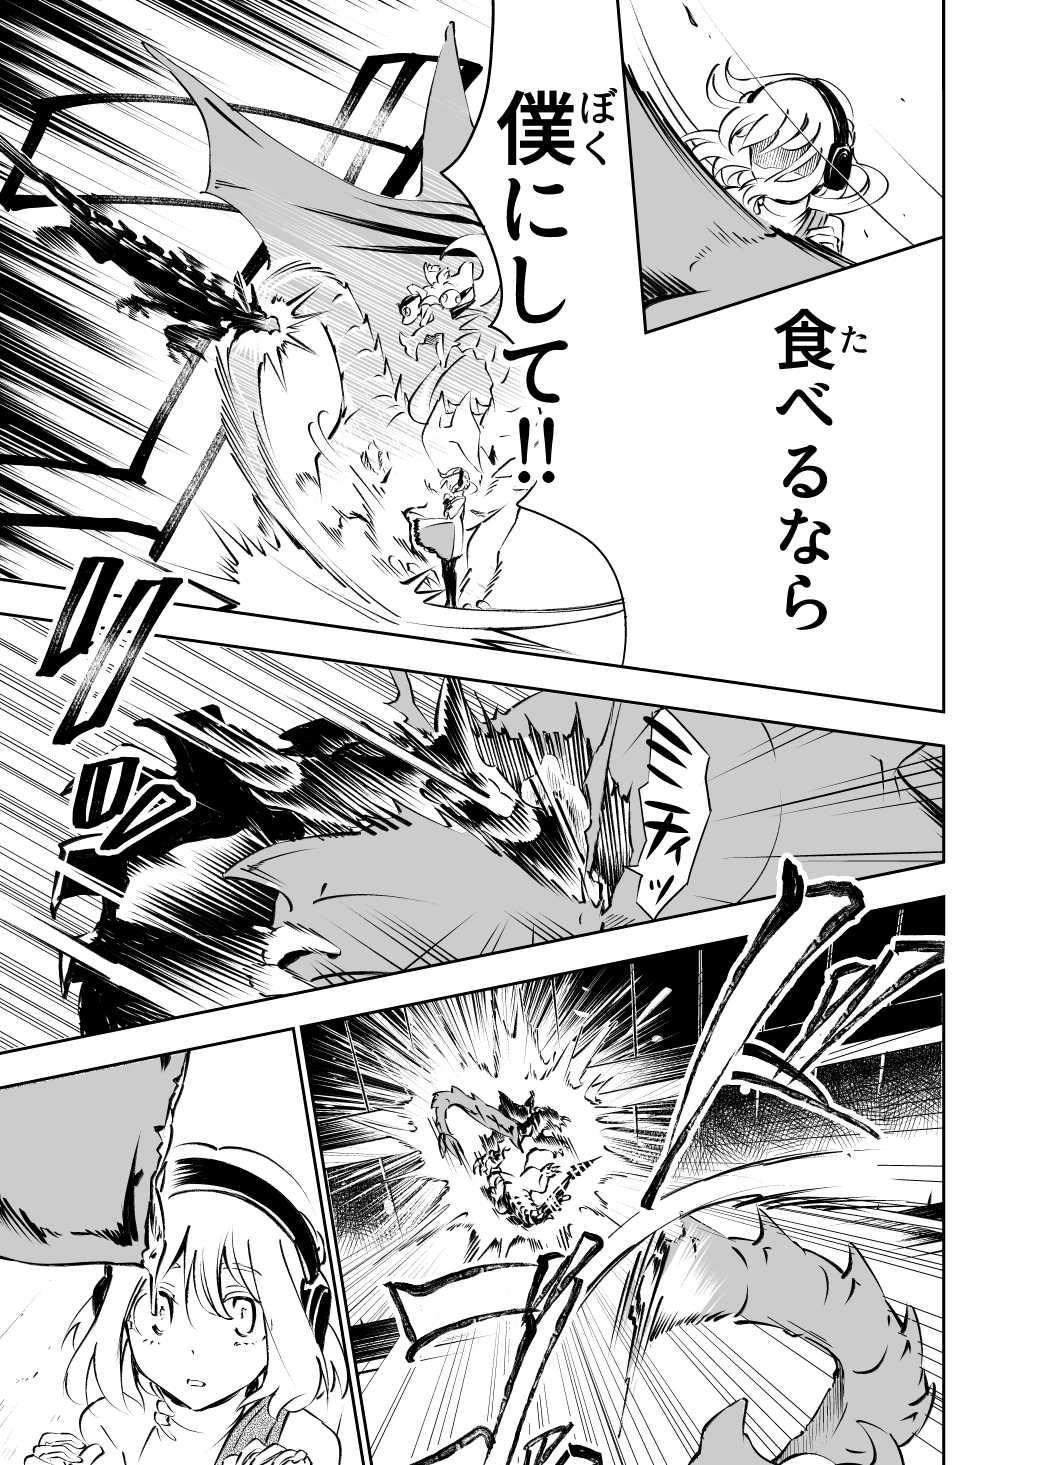 インターン召喚獣_030.jpg